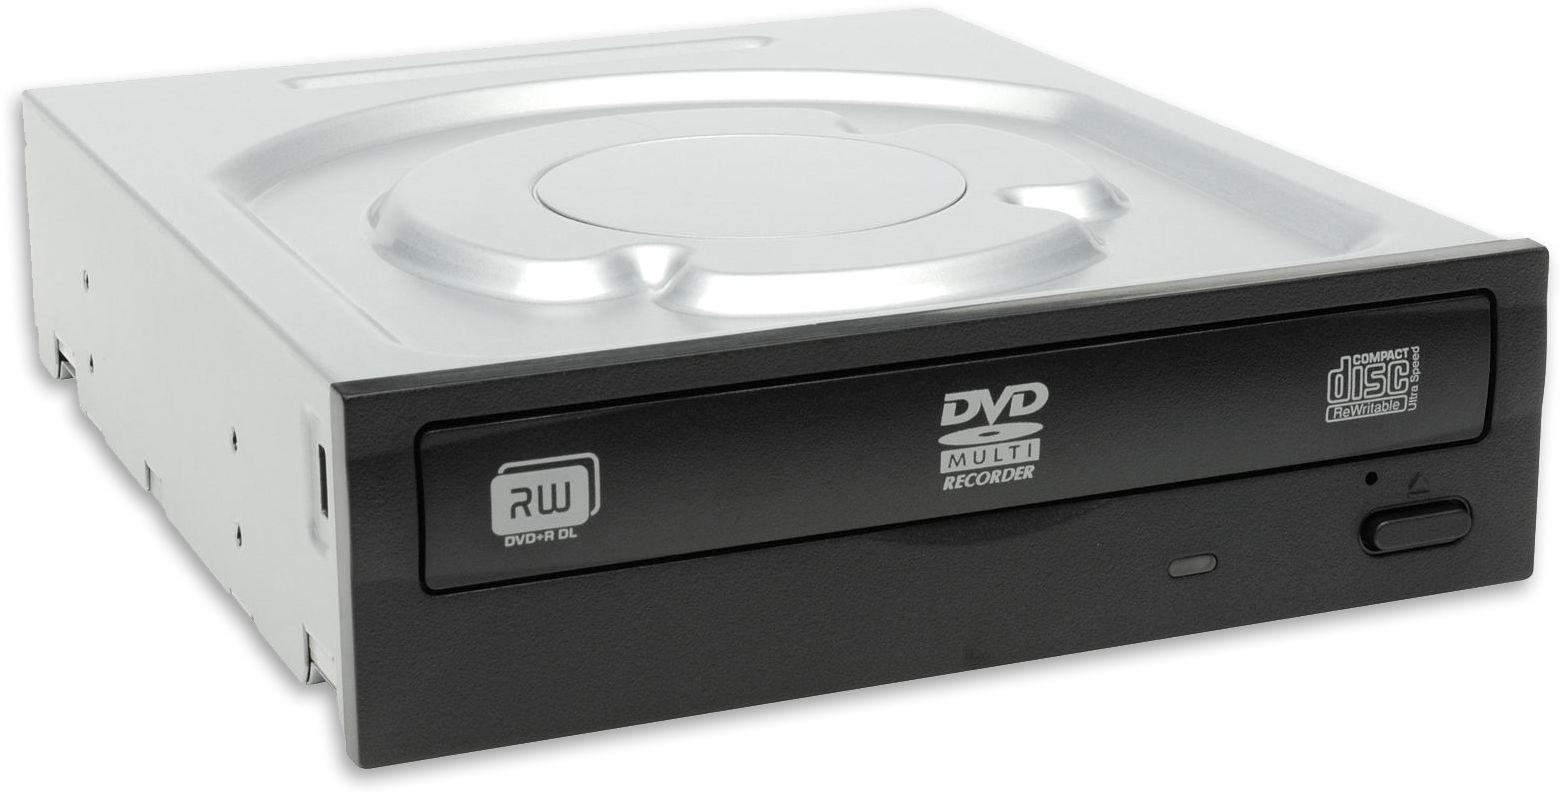 Дисковод оптических дисков: принцип работы cd-dvd-bd ромов